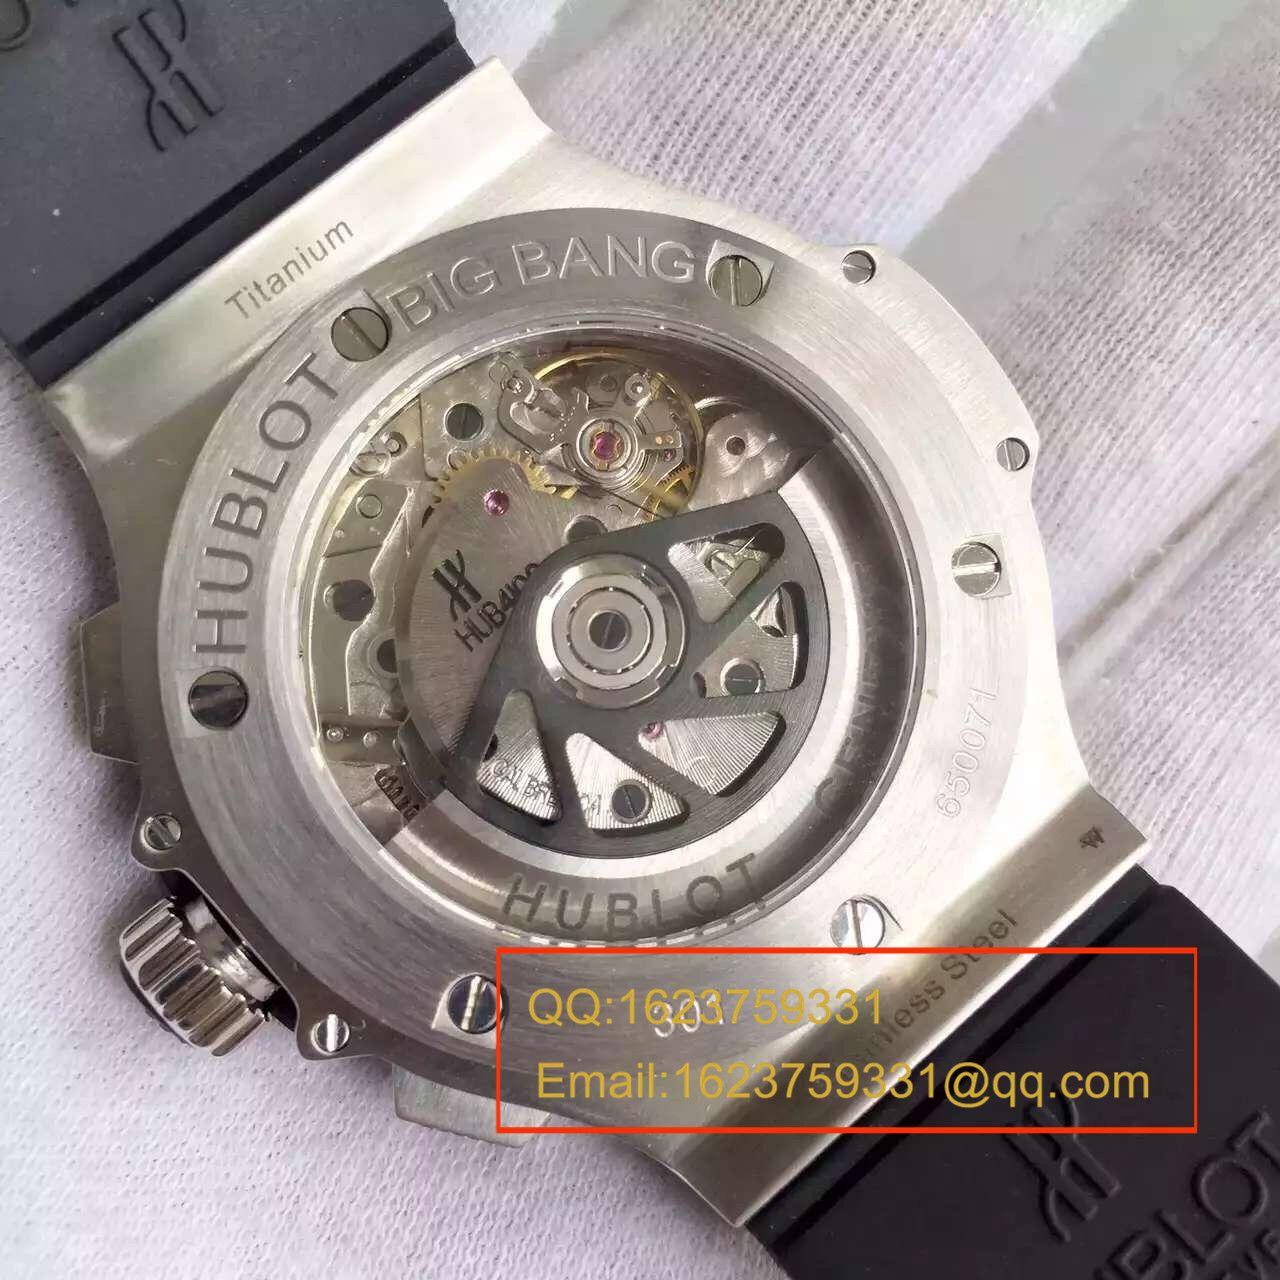 【JF厂一比一高仿手表】宇舶《恒宝》大爆炸STEEL系列341.SX.9010.RX.1704腕表 / YP003